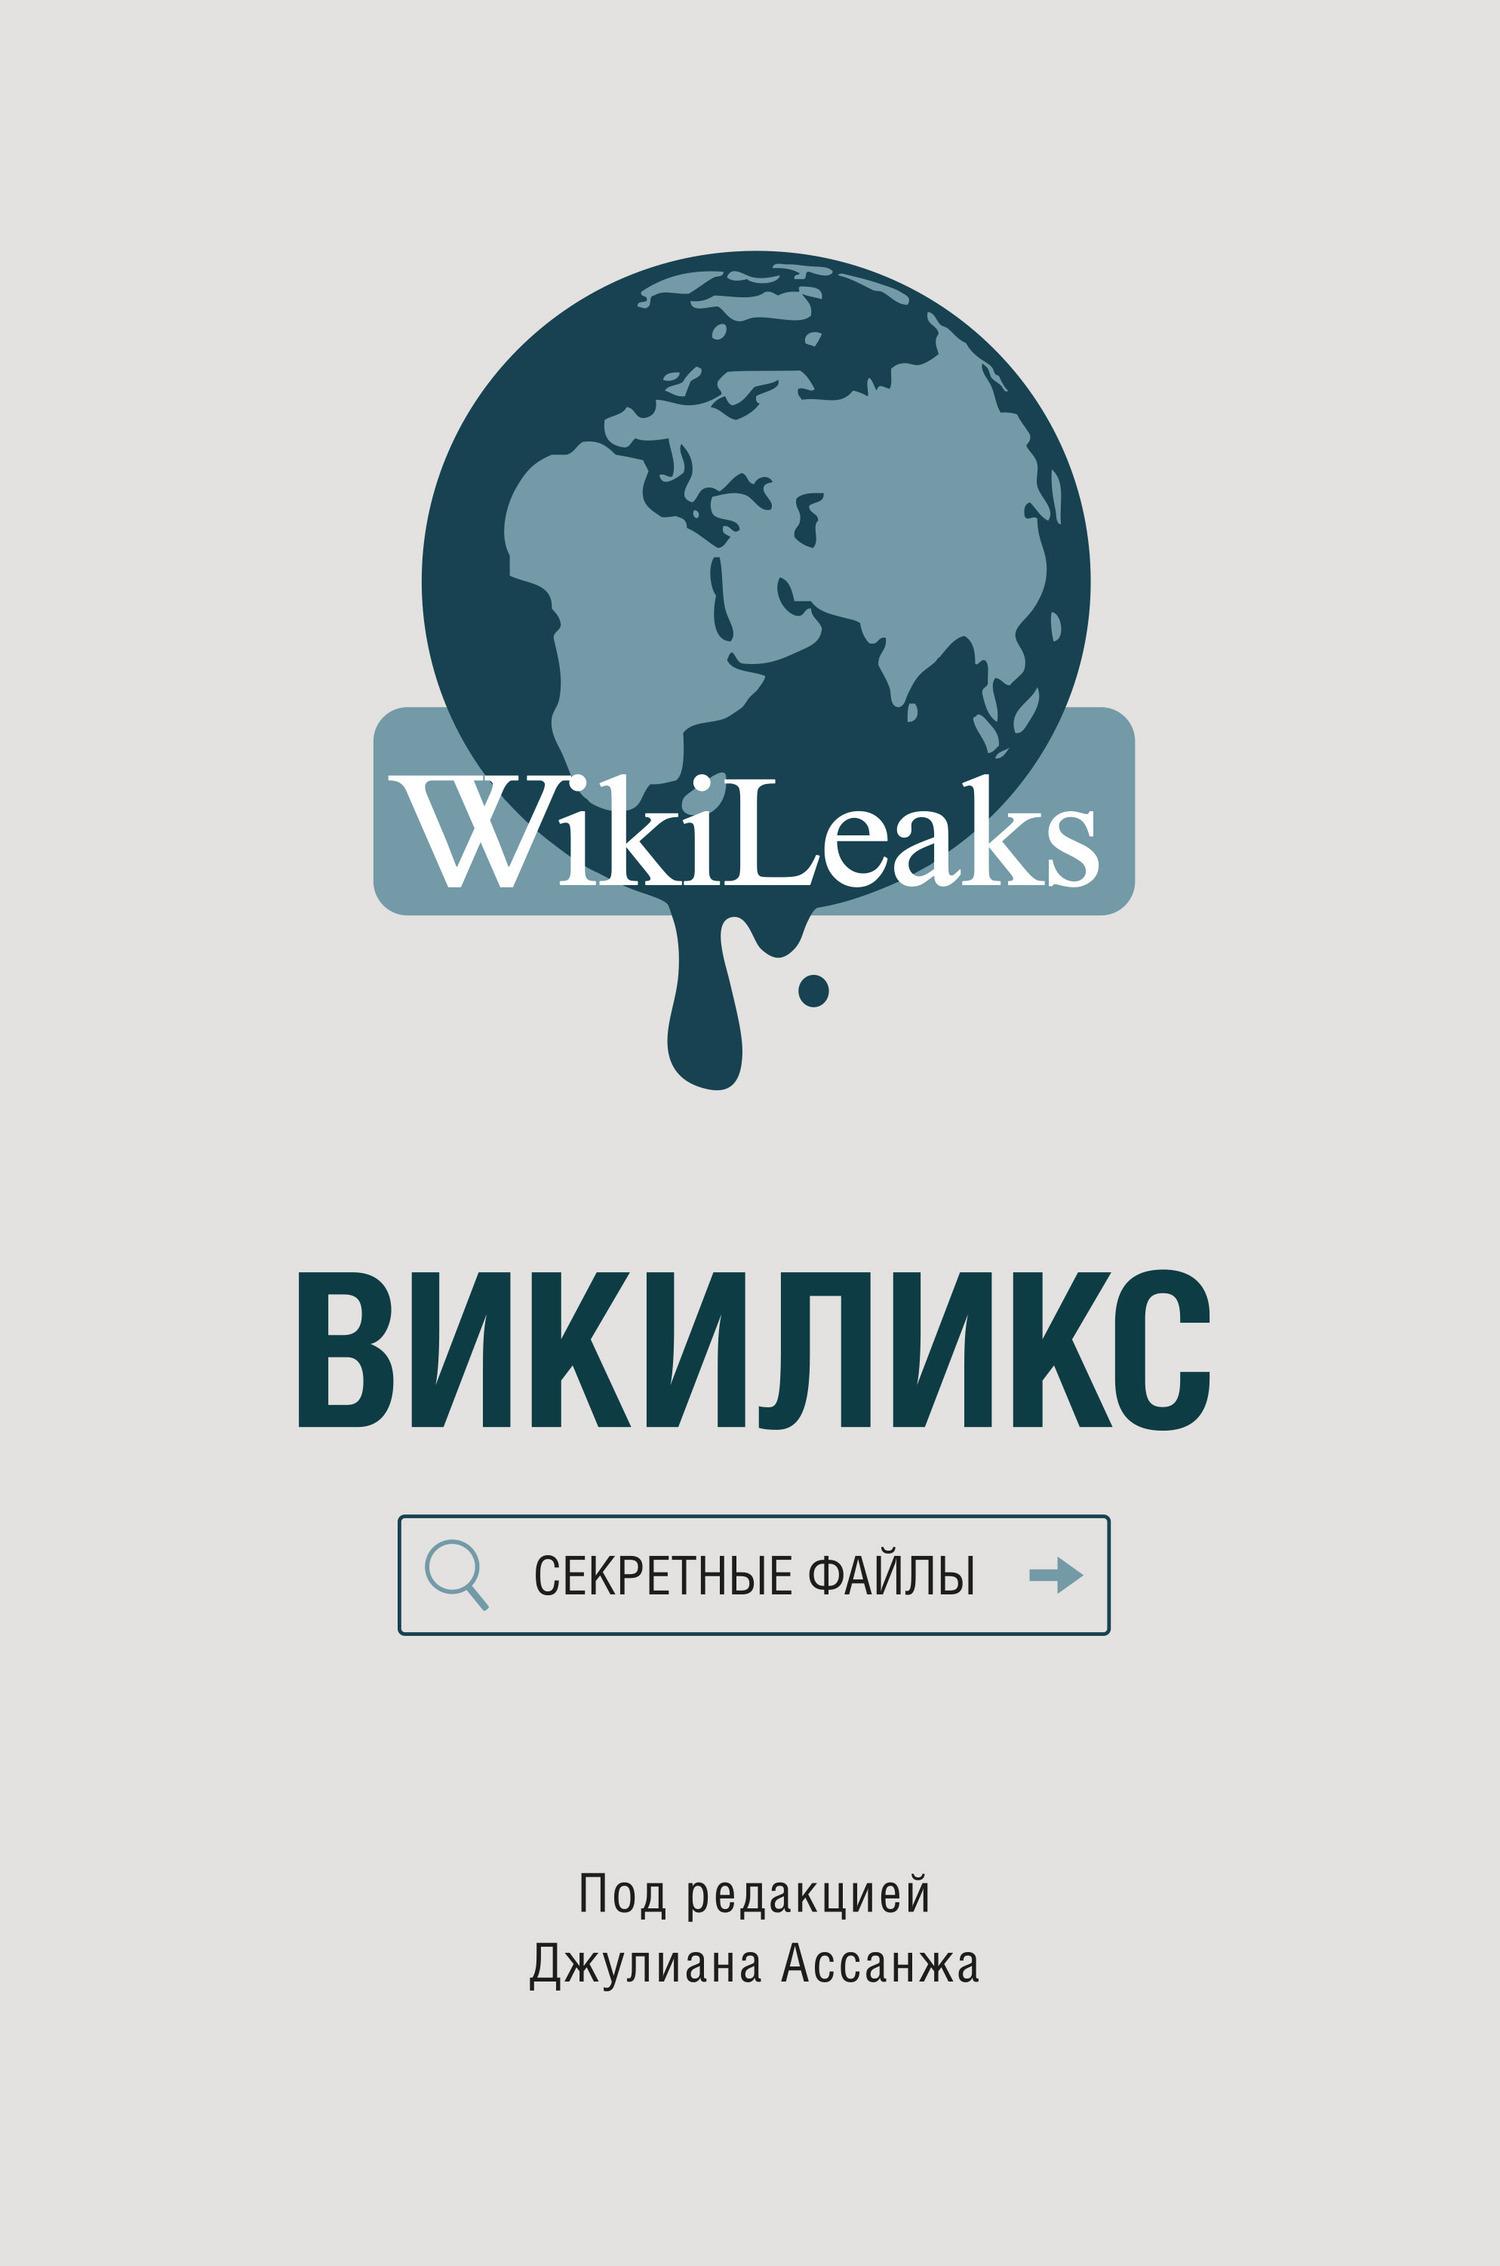 Сборник Викиликс: Секретные файлы джулиан ассанж книга wikileaks избранные материалы